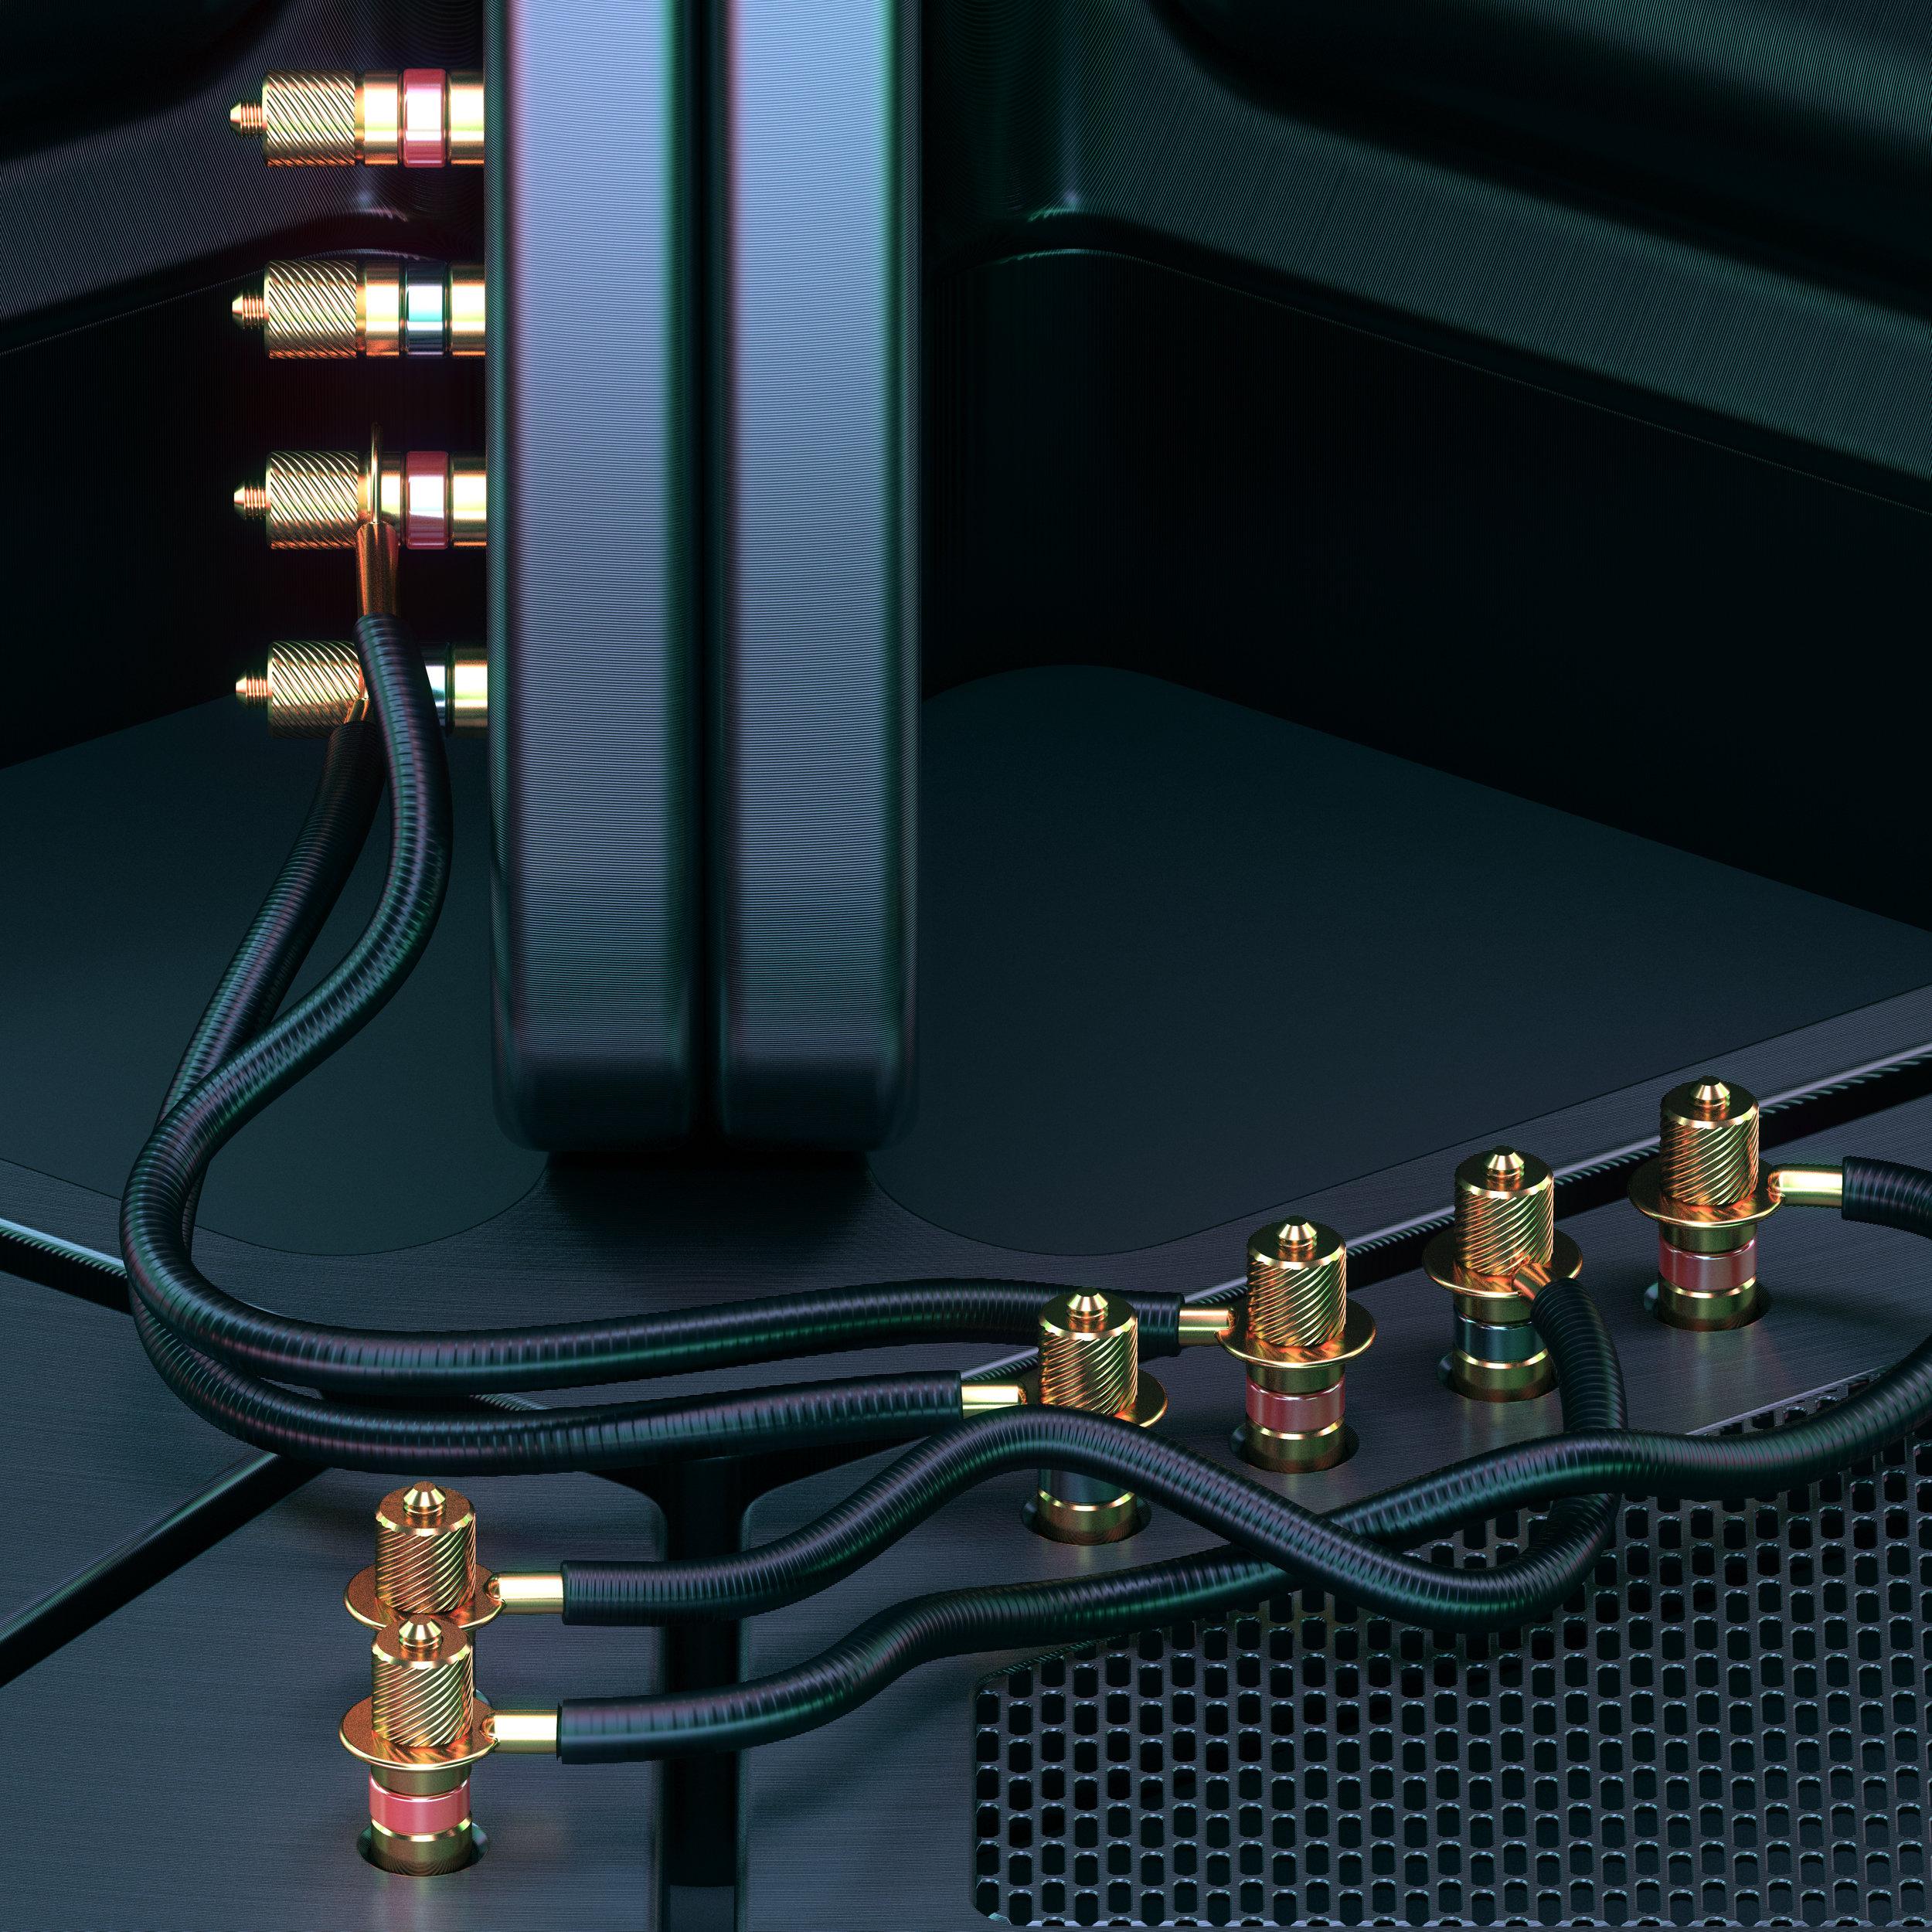 AU2_SpeakerSystem.v02.07.jpg